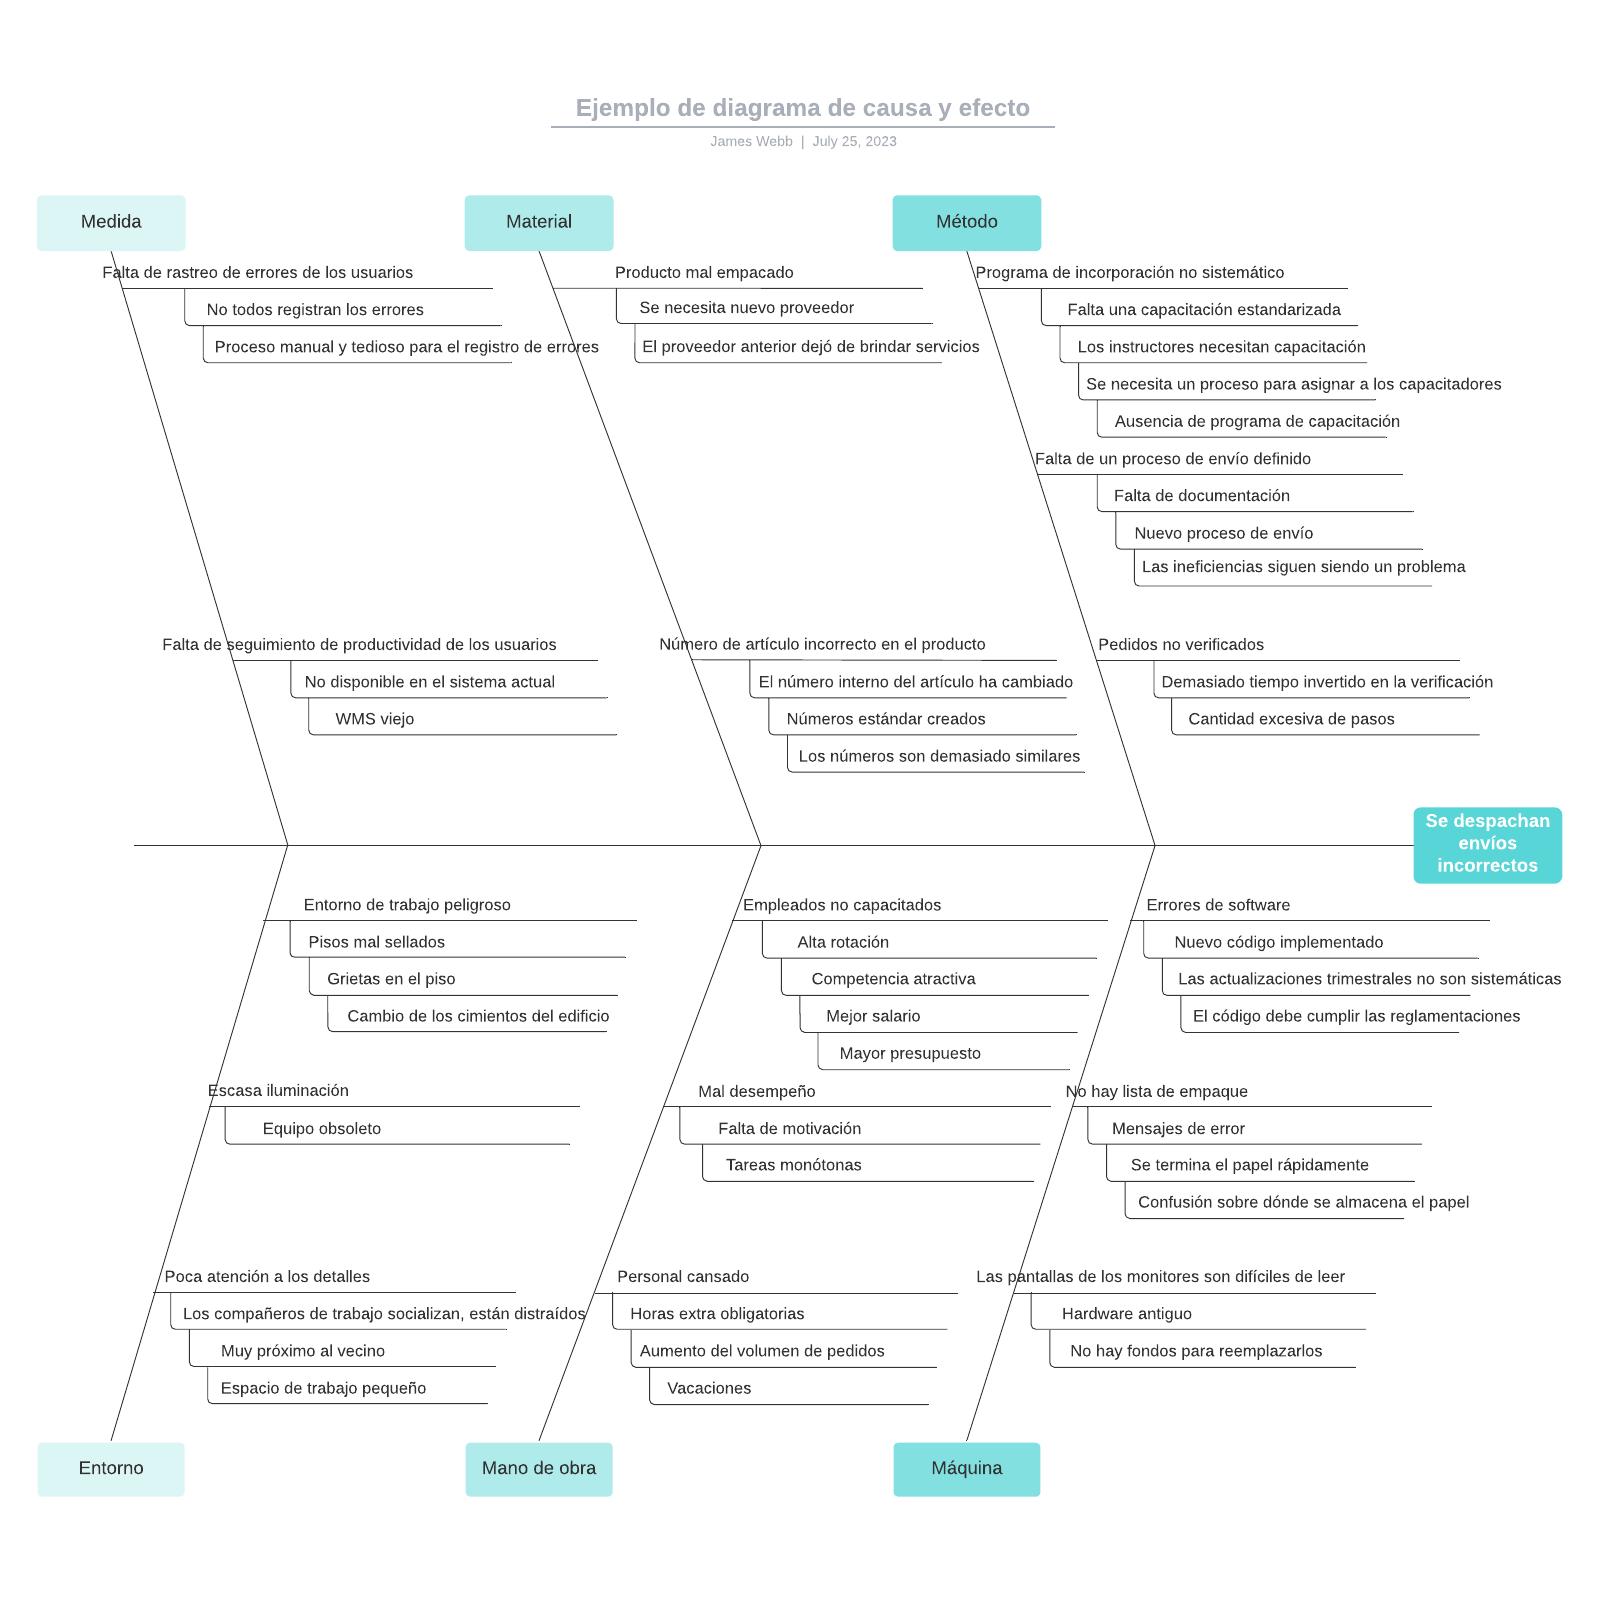 Ejemplo de diagrama de causa y efecto